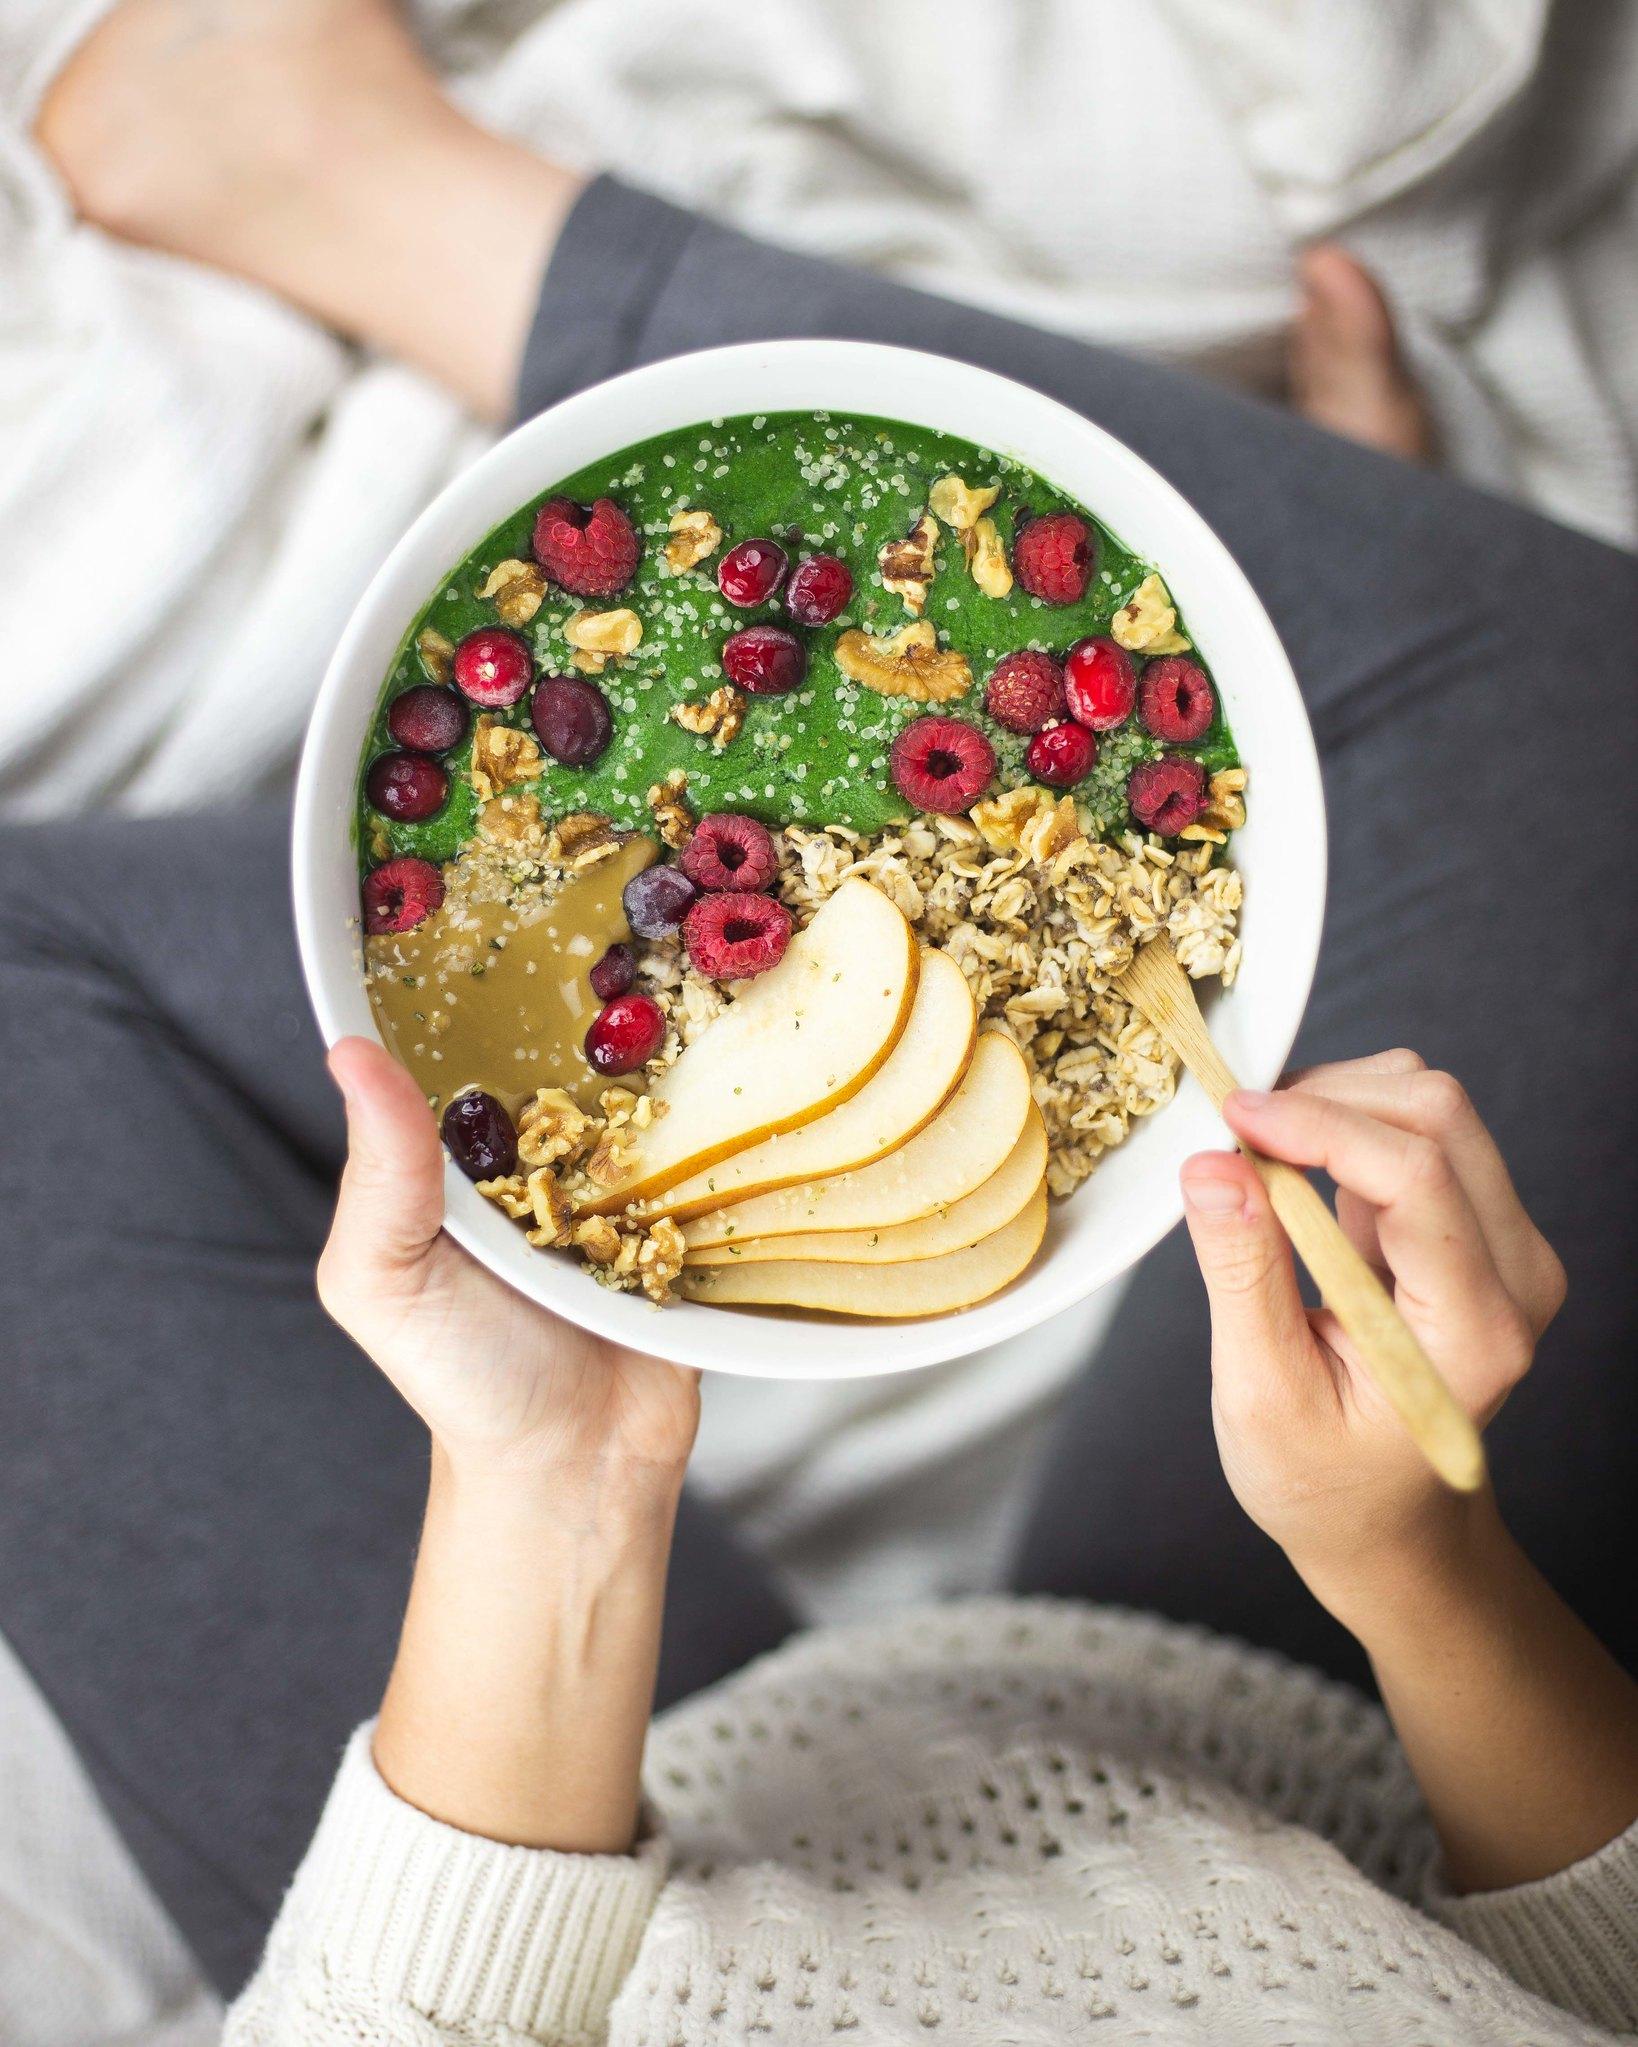 PREBIOTIC FOODS | HEALTH BENEFITS OF OATS & PROBIOTIC VEGAN OATMEAL BOWL RECIPE